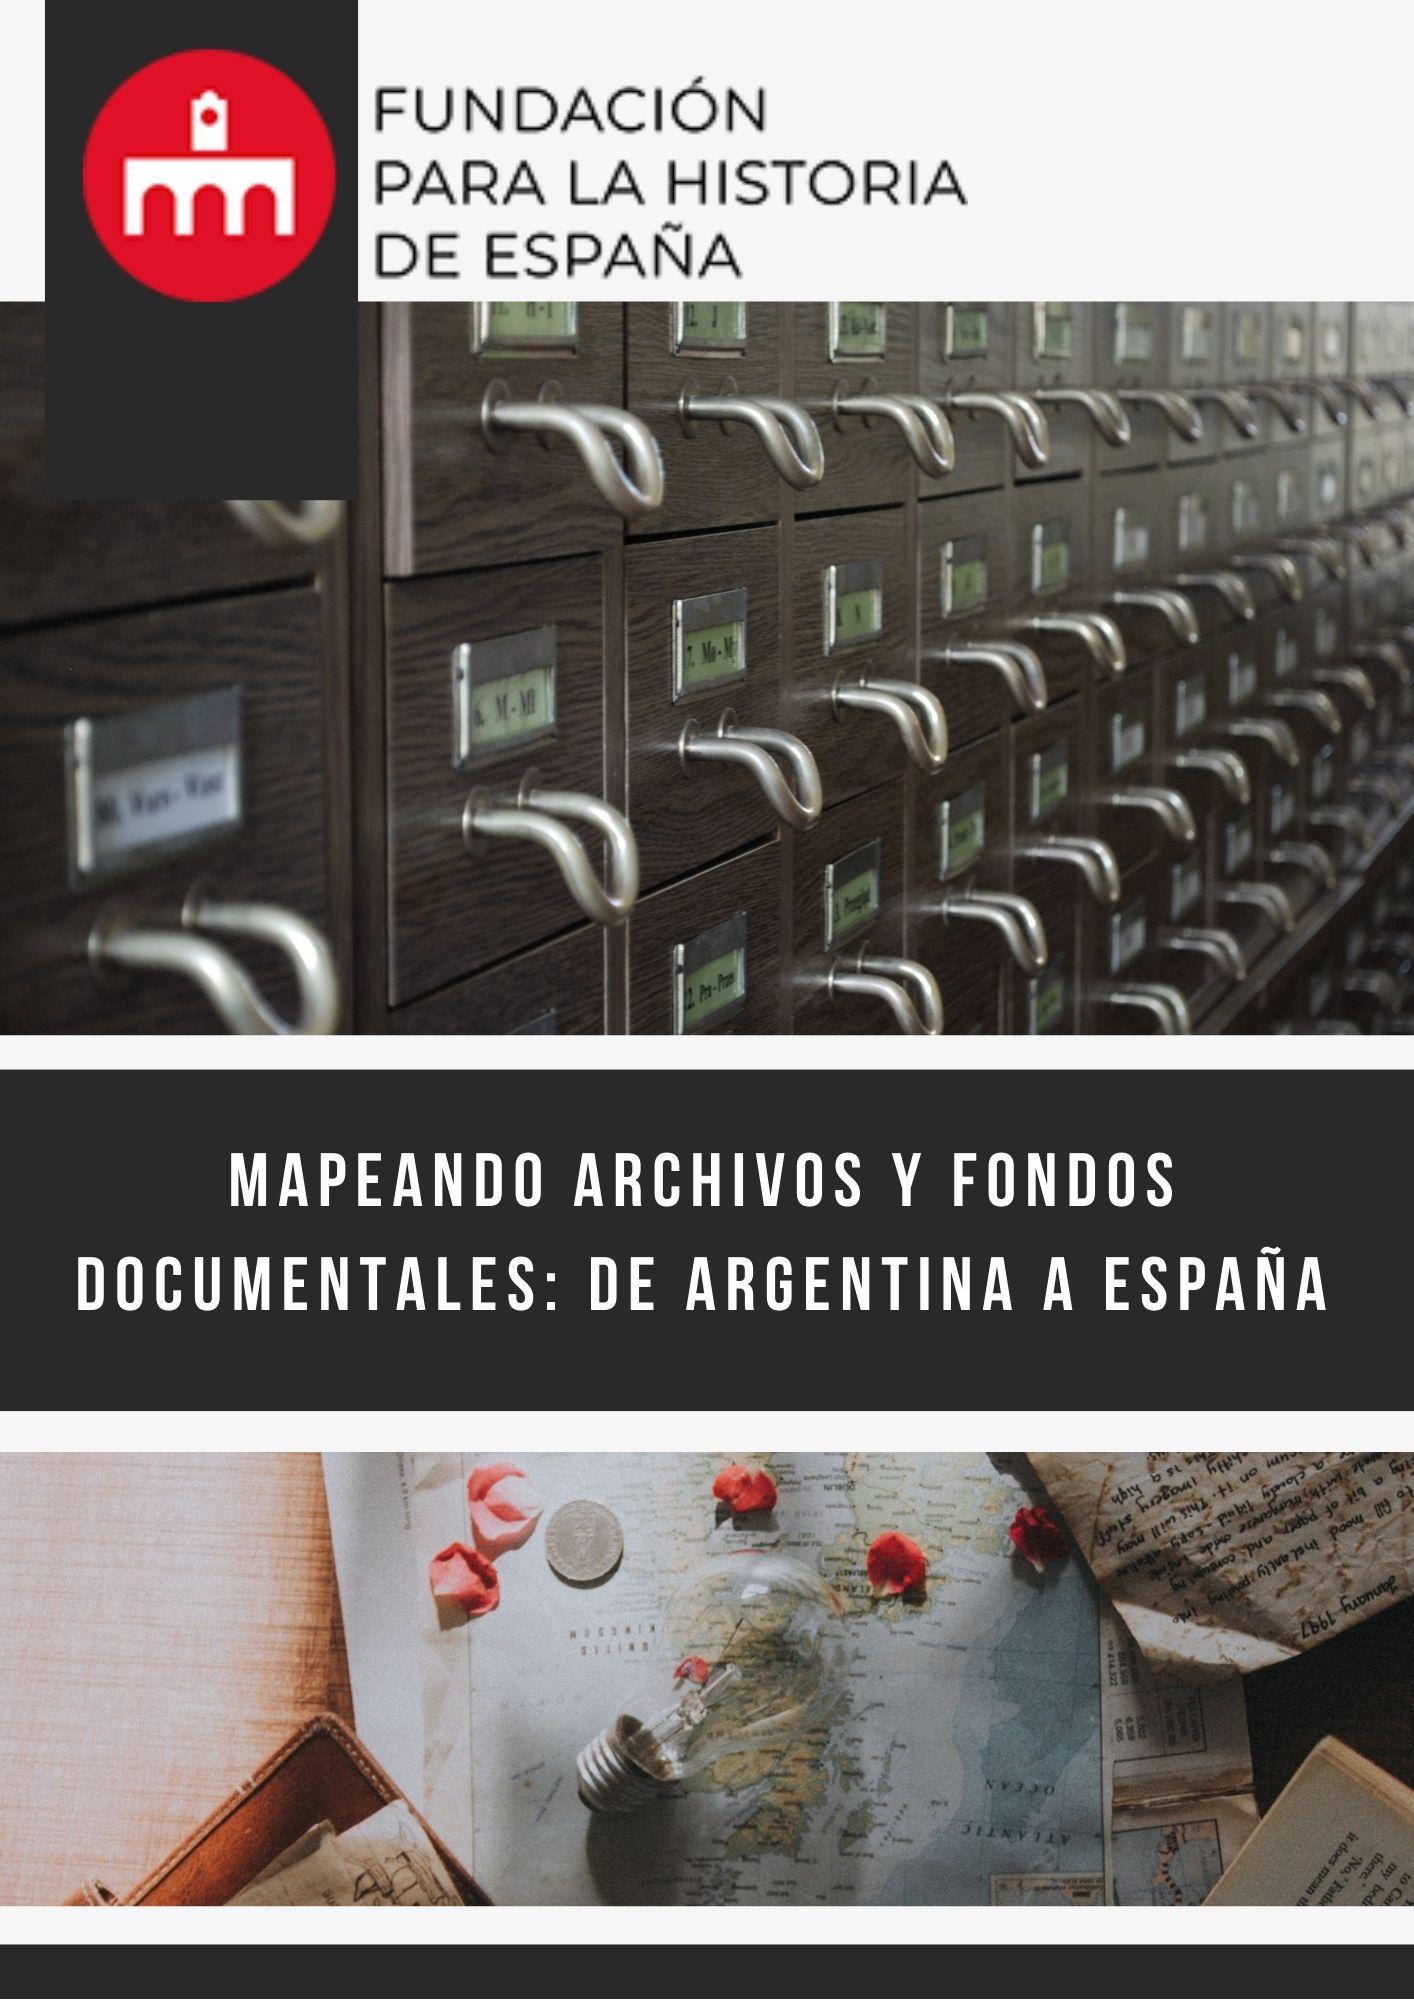 Mapeando archivos